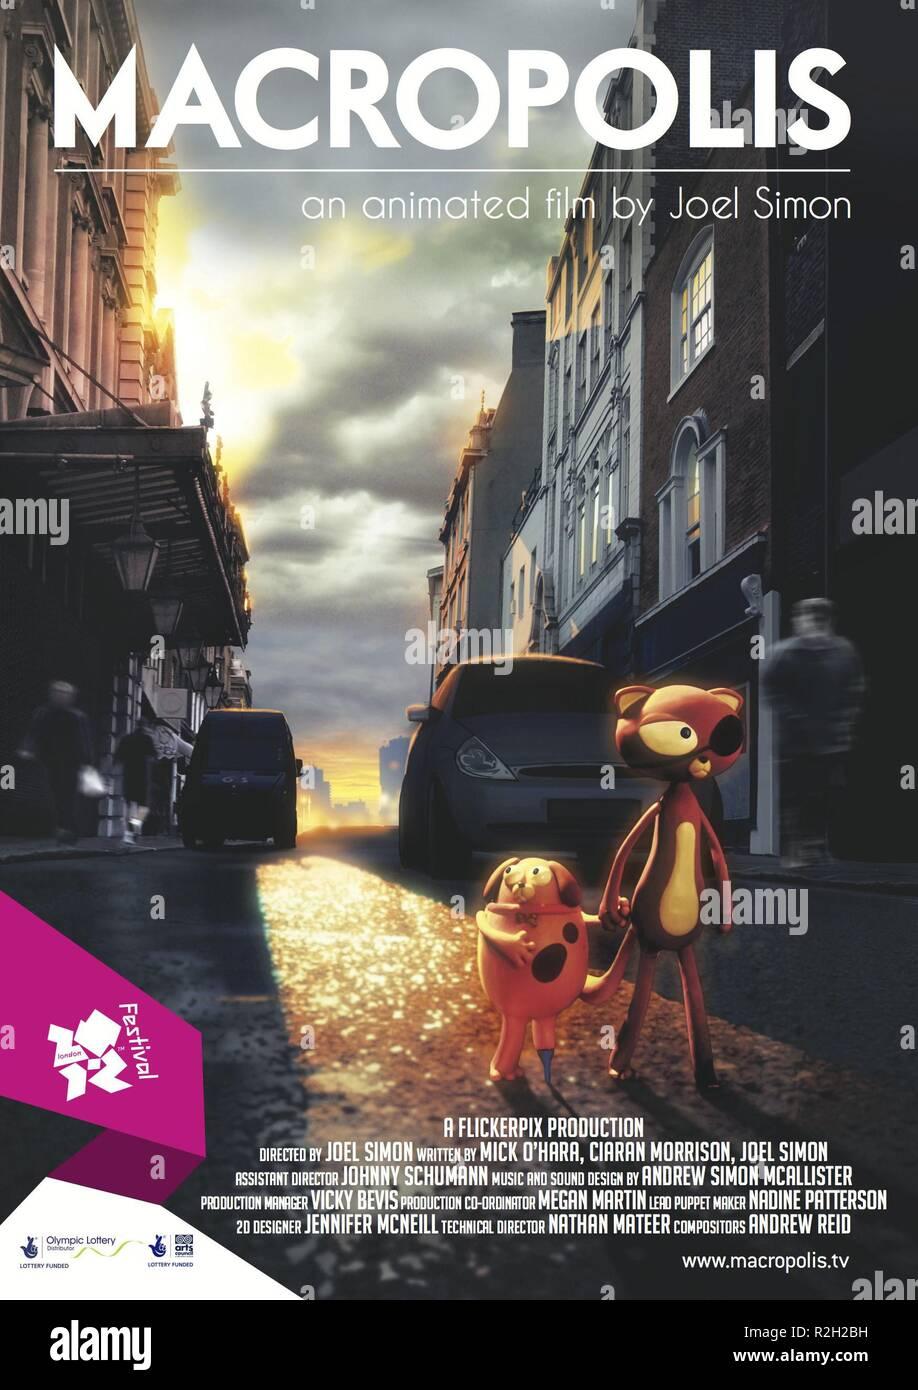 Macropolis Year : 2012 UK / Ireland Director : Joel Simon Animation